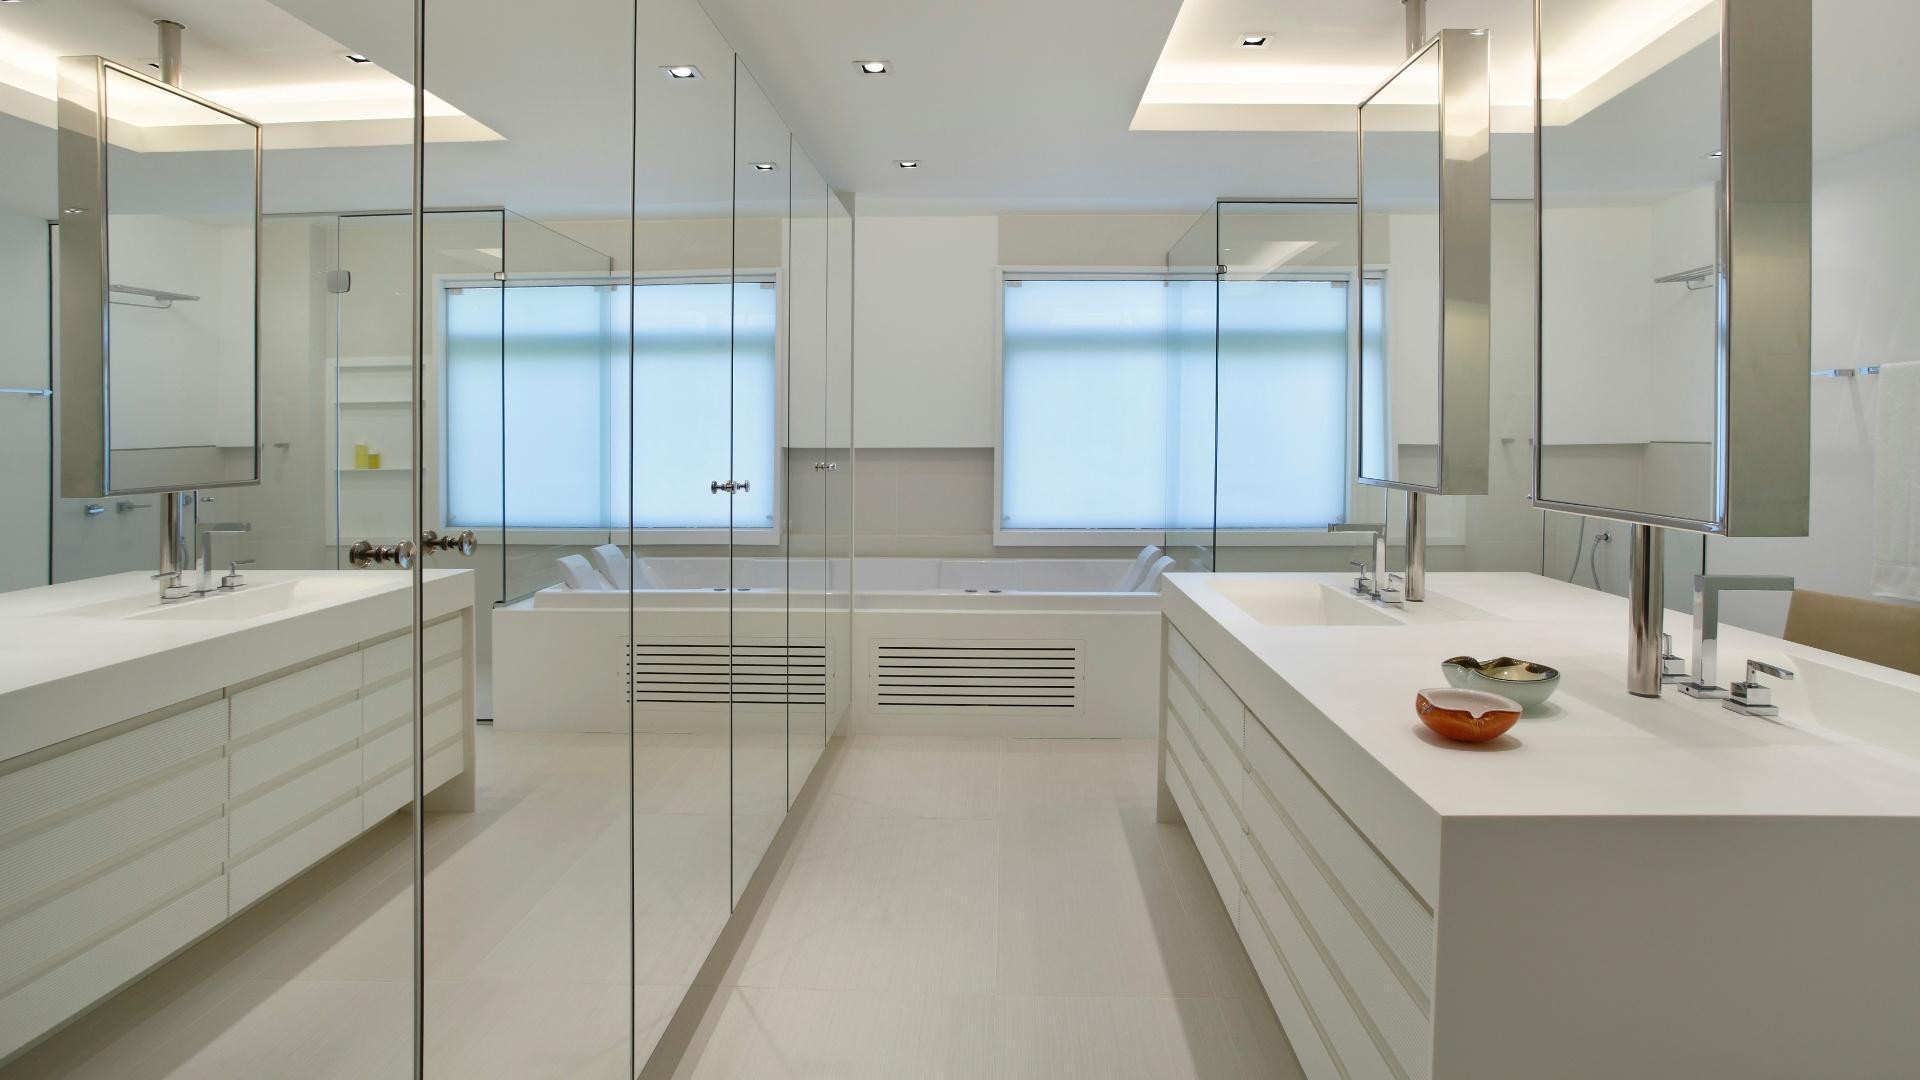 fotos de banheiro ceramica Quotes #66452A 1920x1080 Armarinho De Banheiro De Vidro